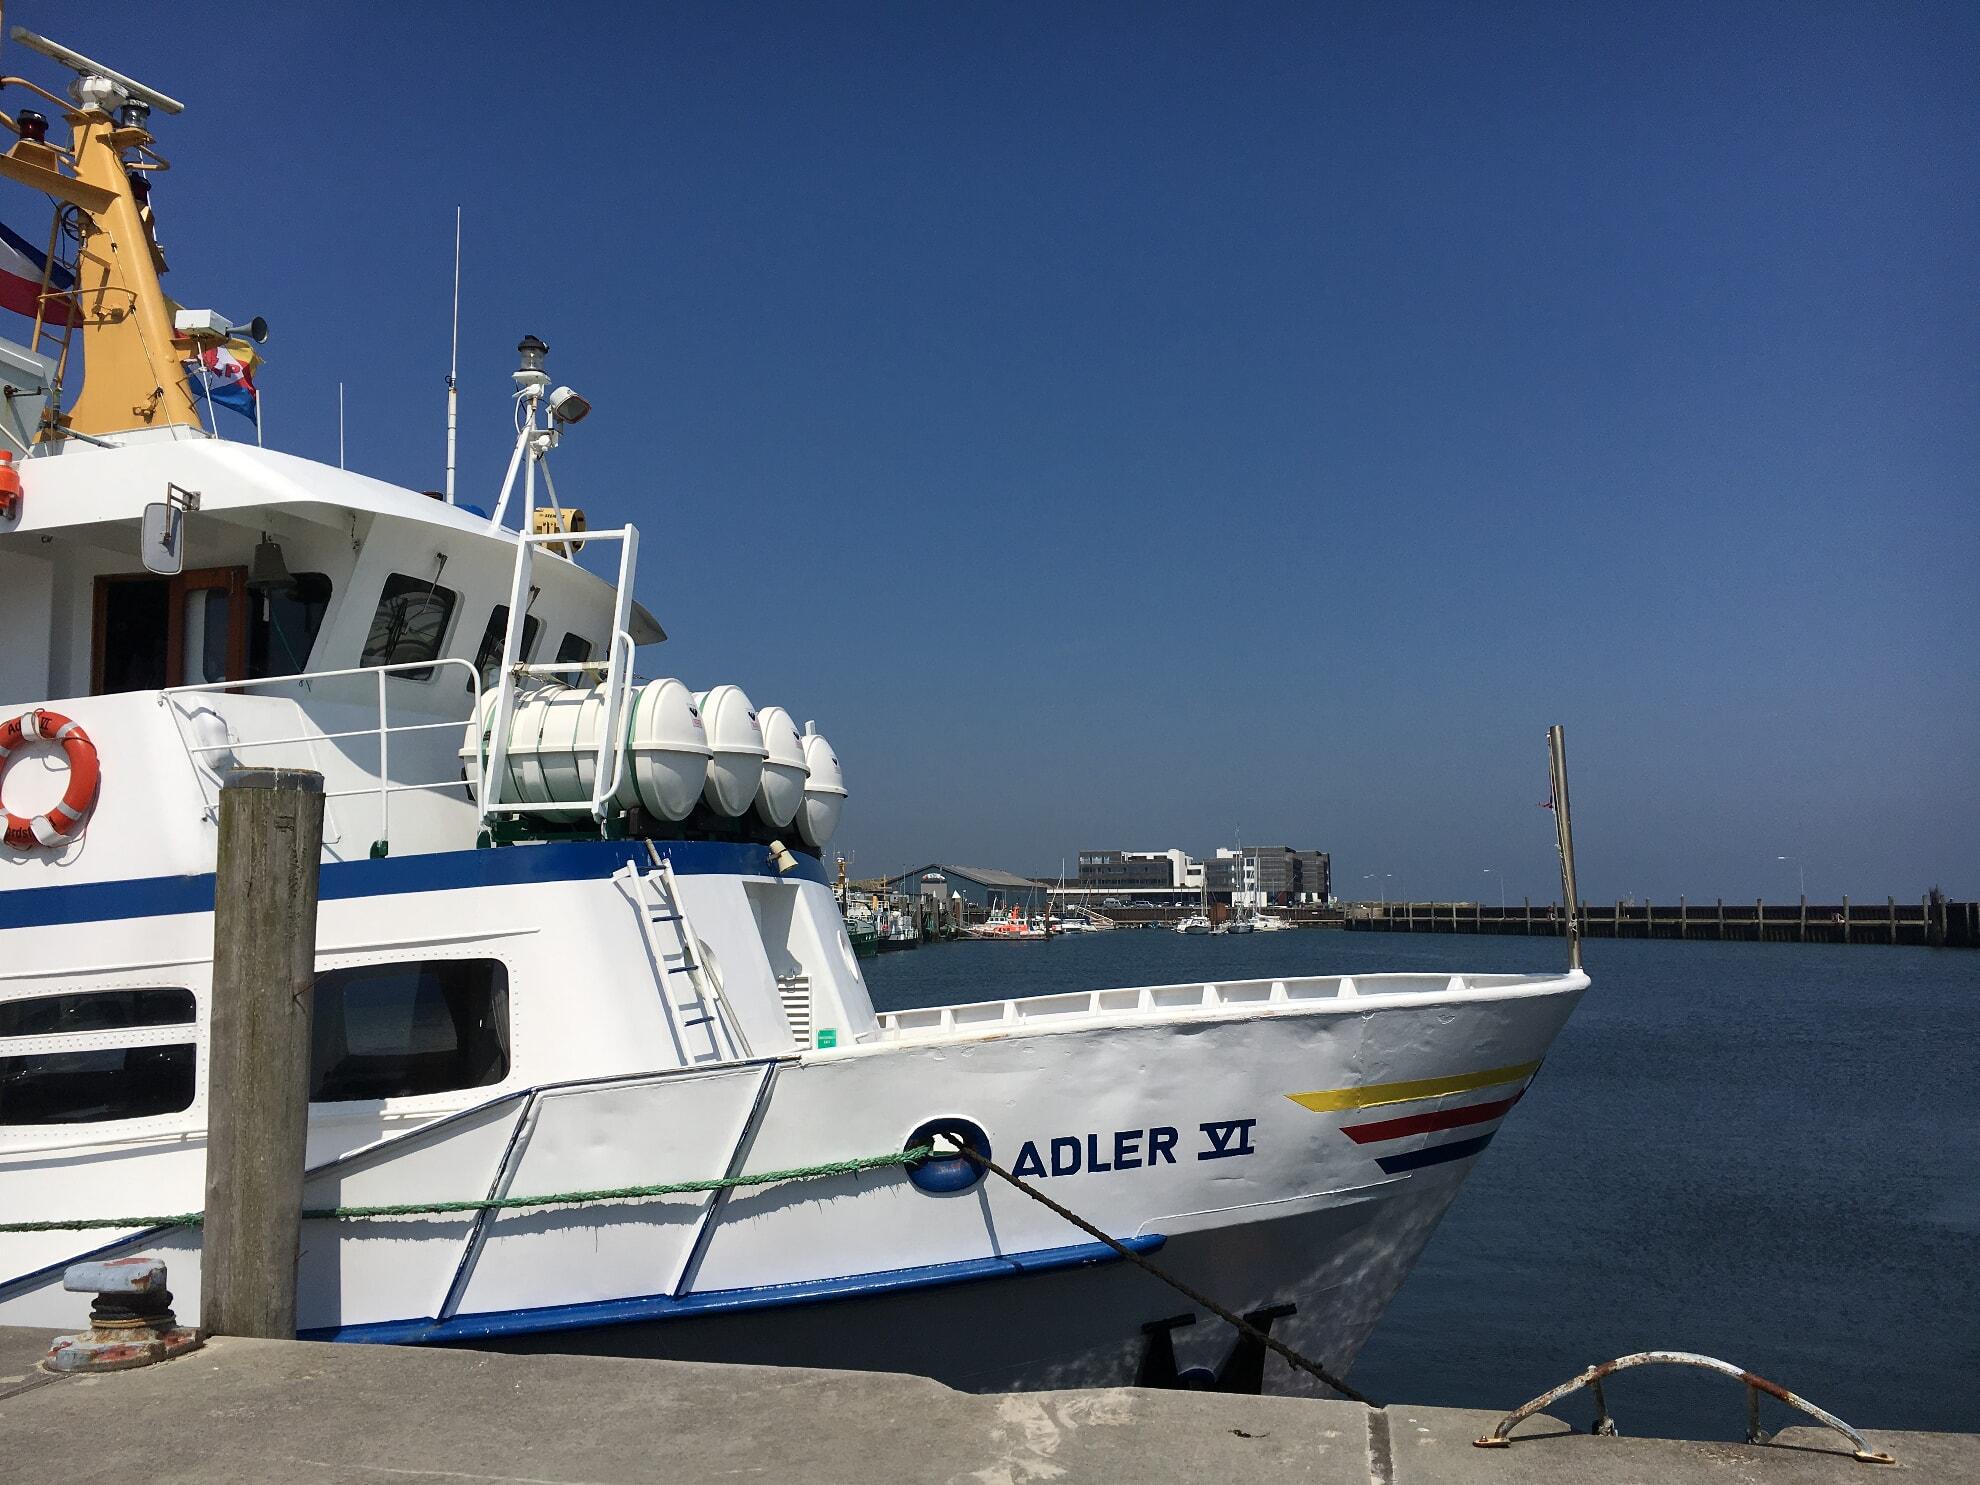 Die Adler VI im Hörnumer Hafen